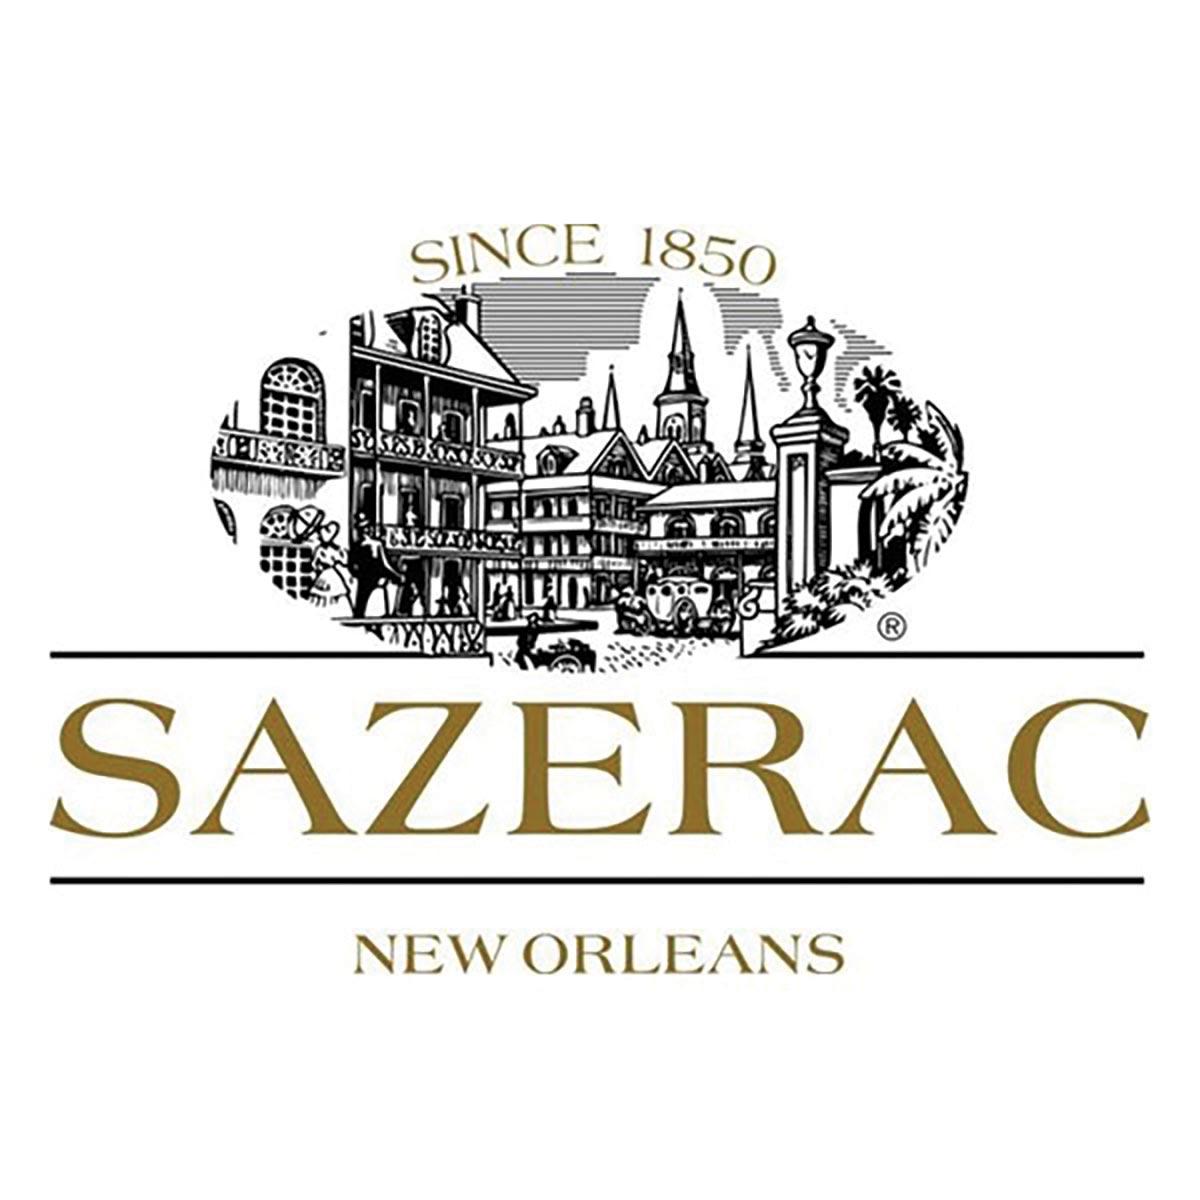 Sazerac Company to Acquire Multiple Brands